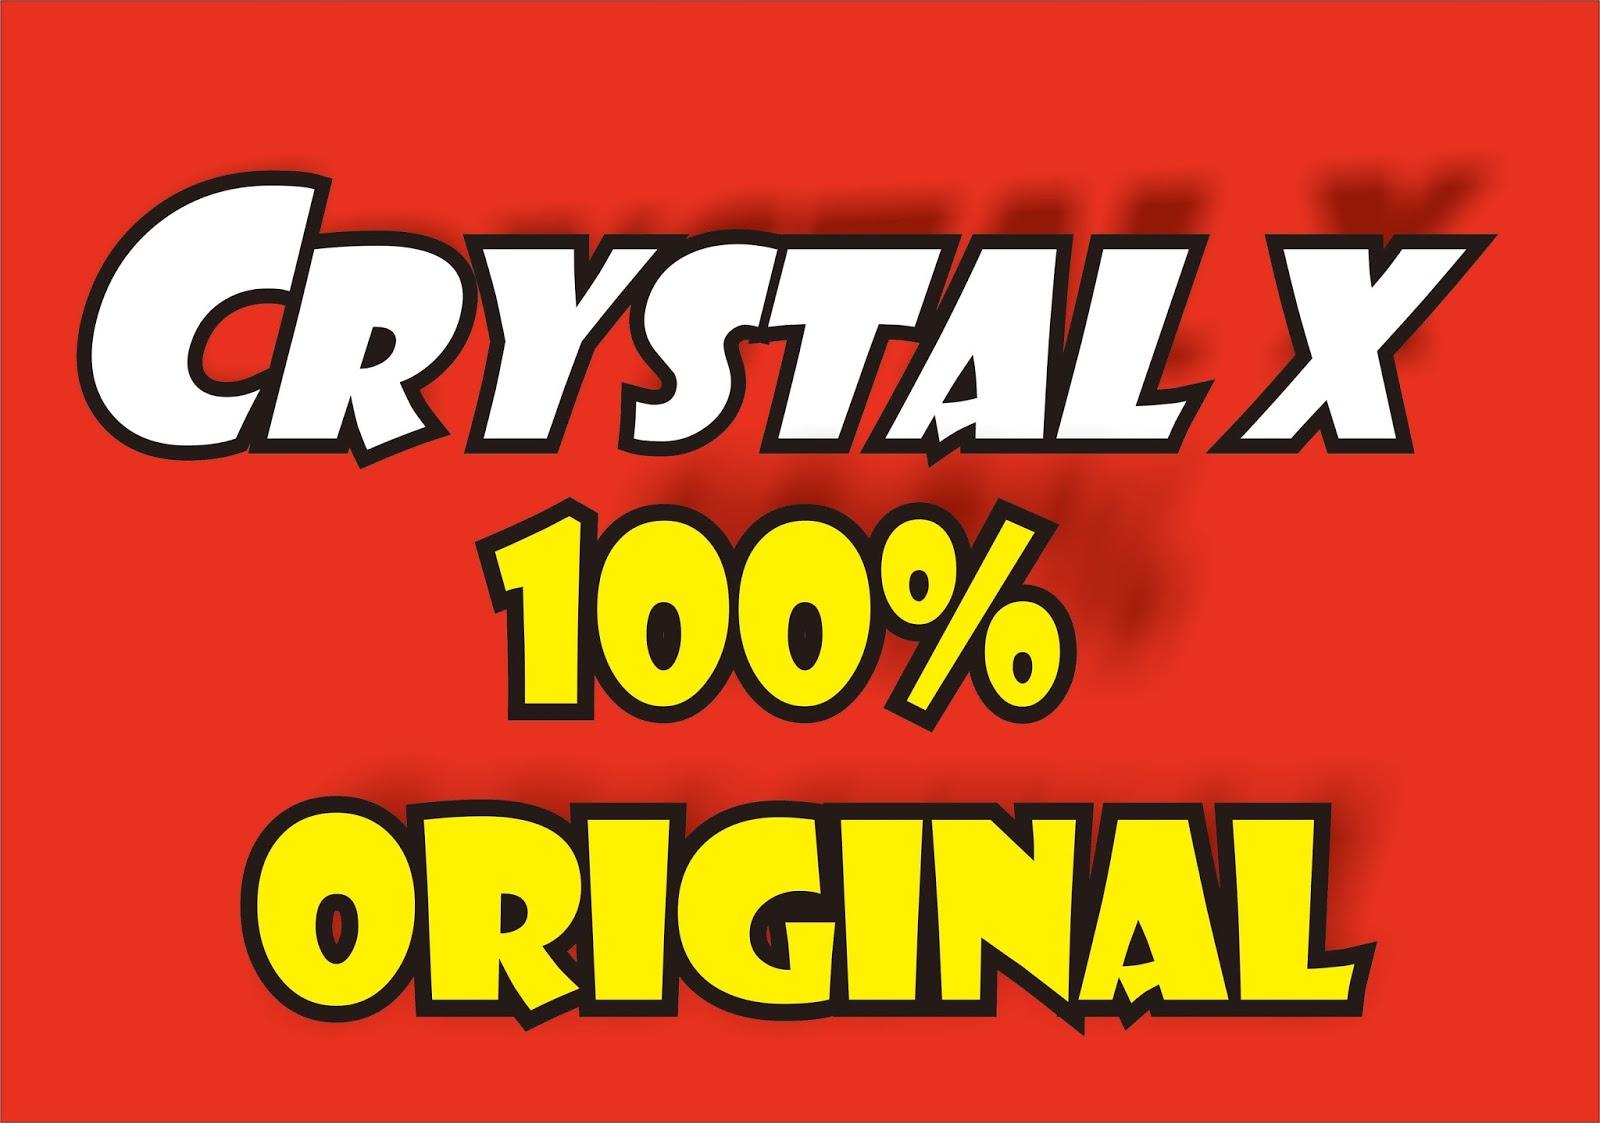 Jual Crystal X Asli Obat Keputihan Di Magelang Apotik Cristal Kristal Original Herbal Jawa Tengah